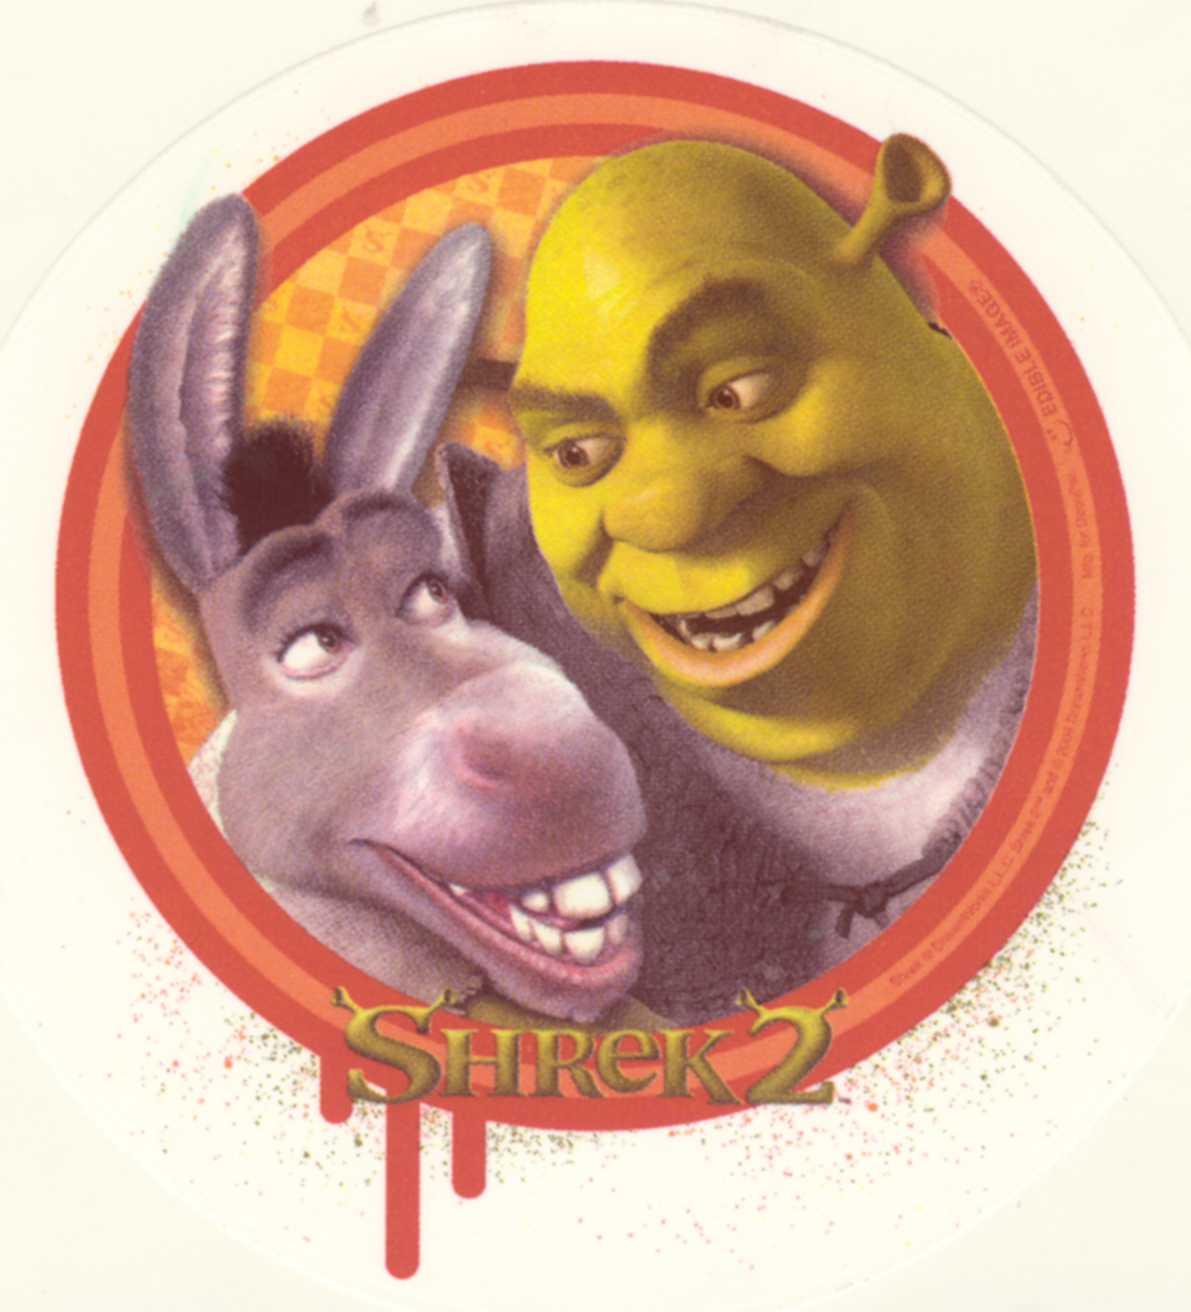 Shrek nackt exploited clips